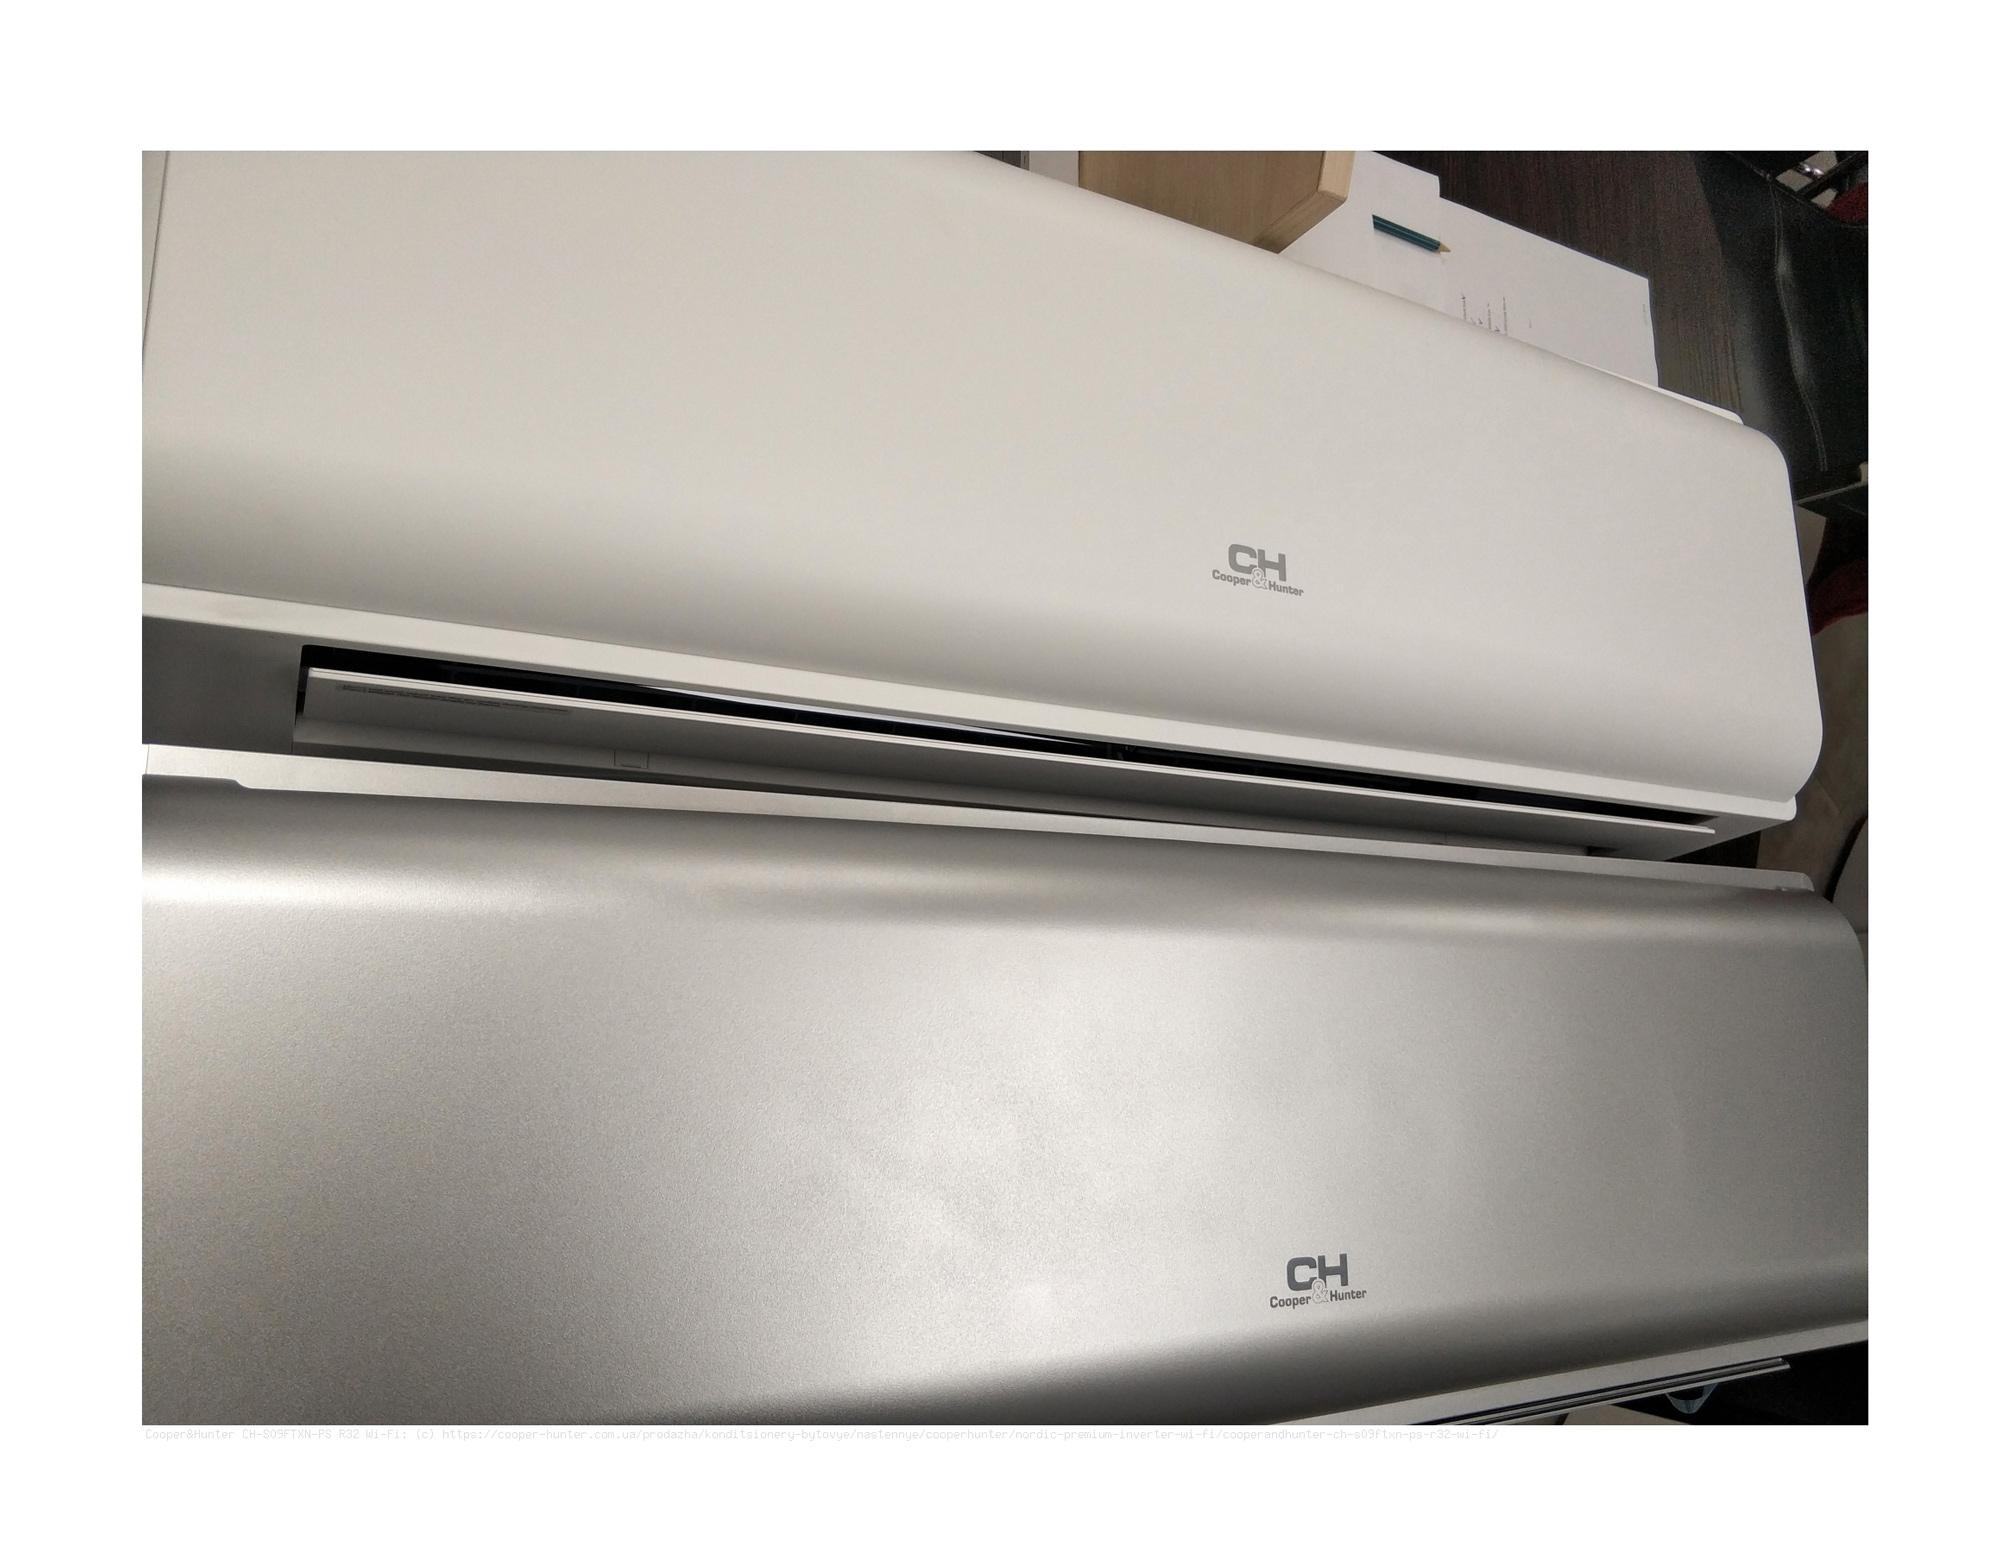 Кондиционер сплит система CH-S09FTXN-PS R32, Wi-Fi, серебр. Cooper&Hunter - фото 2